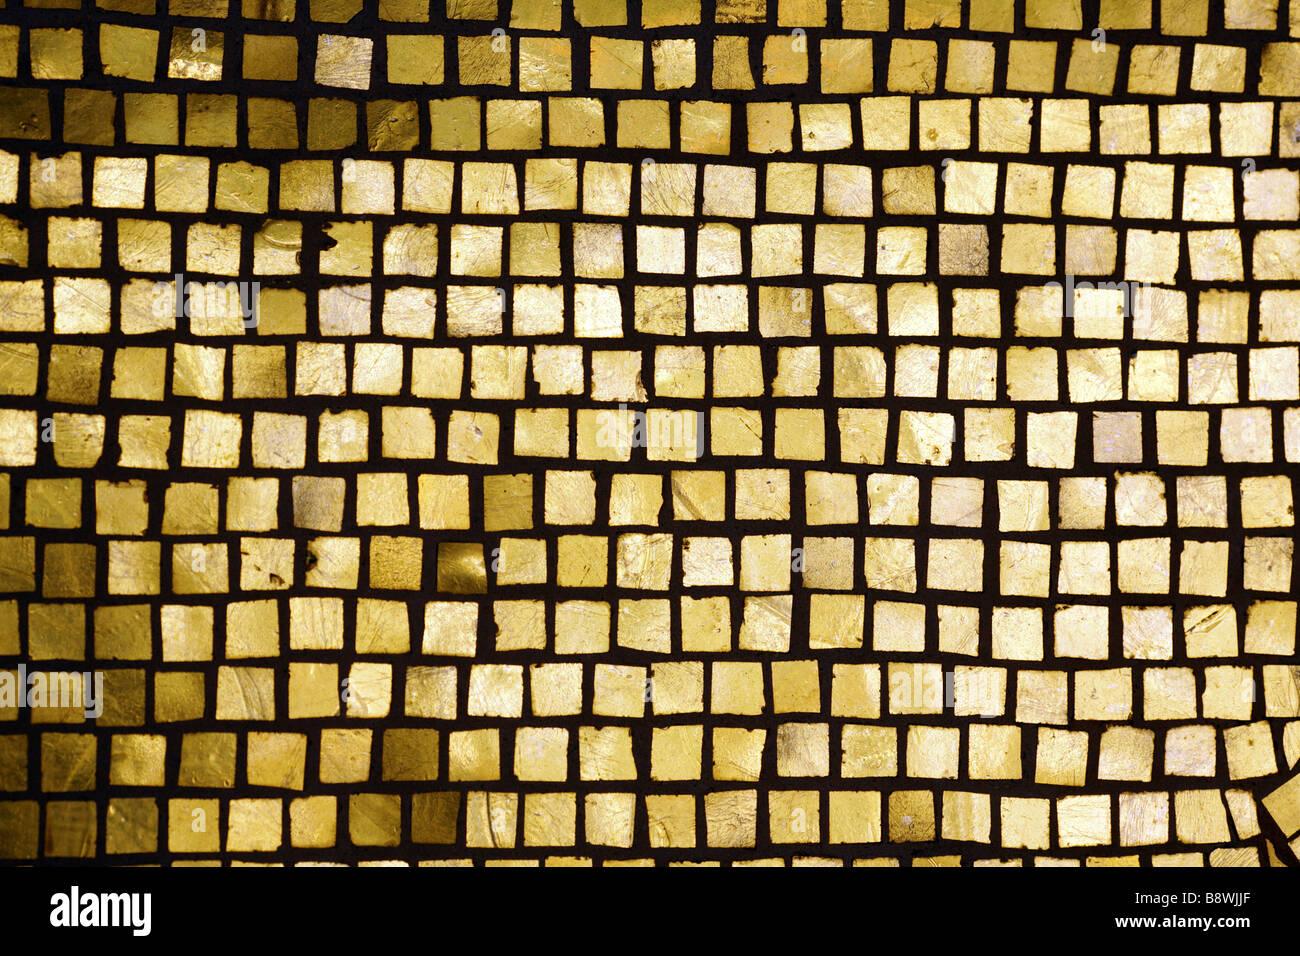 Fliesen Mosaik Gold Onlineshop Mosaikfliesen 24 Liebenswert